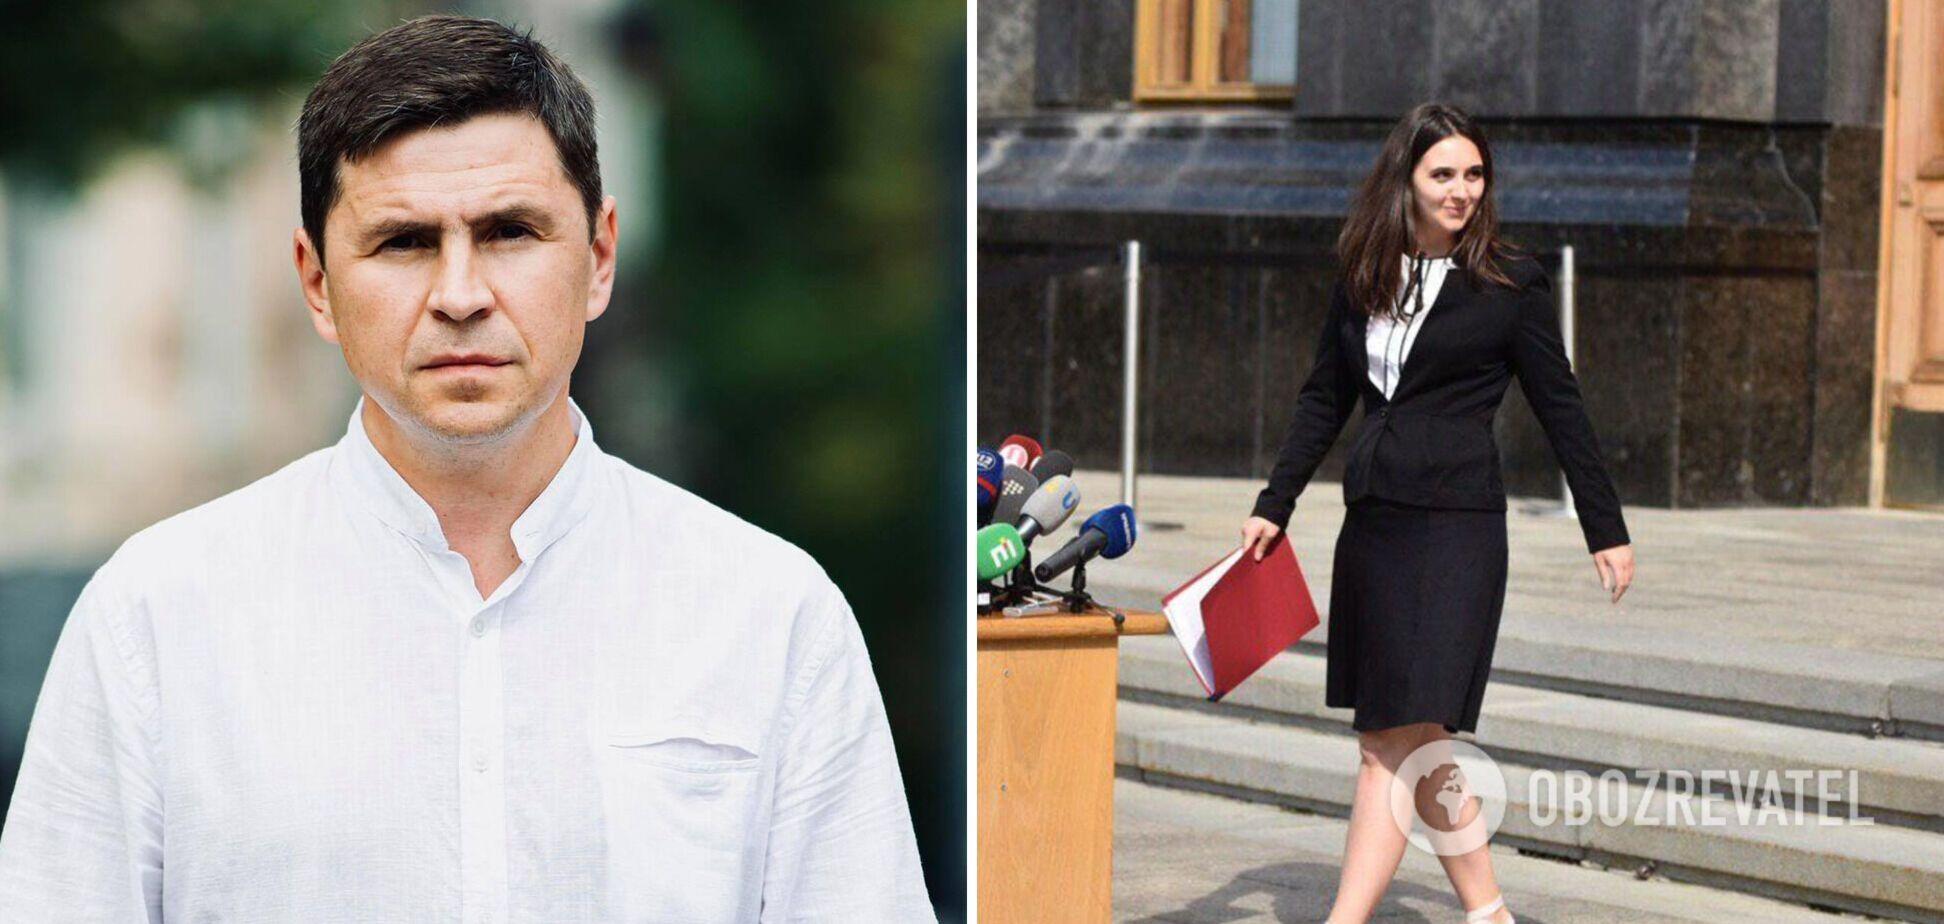 Заміну поки не знайшли: Мендель продовжує виконувати обов'язки прессекретаря Зеленського